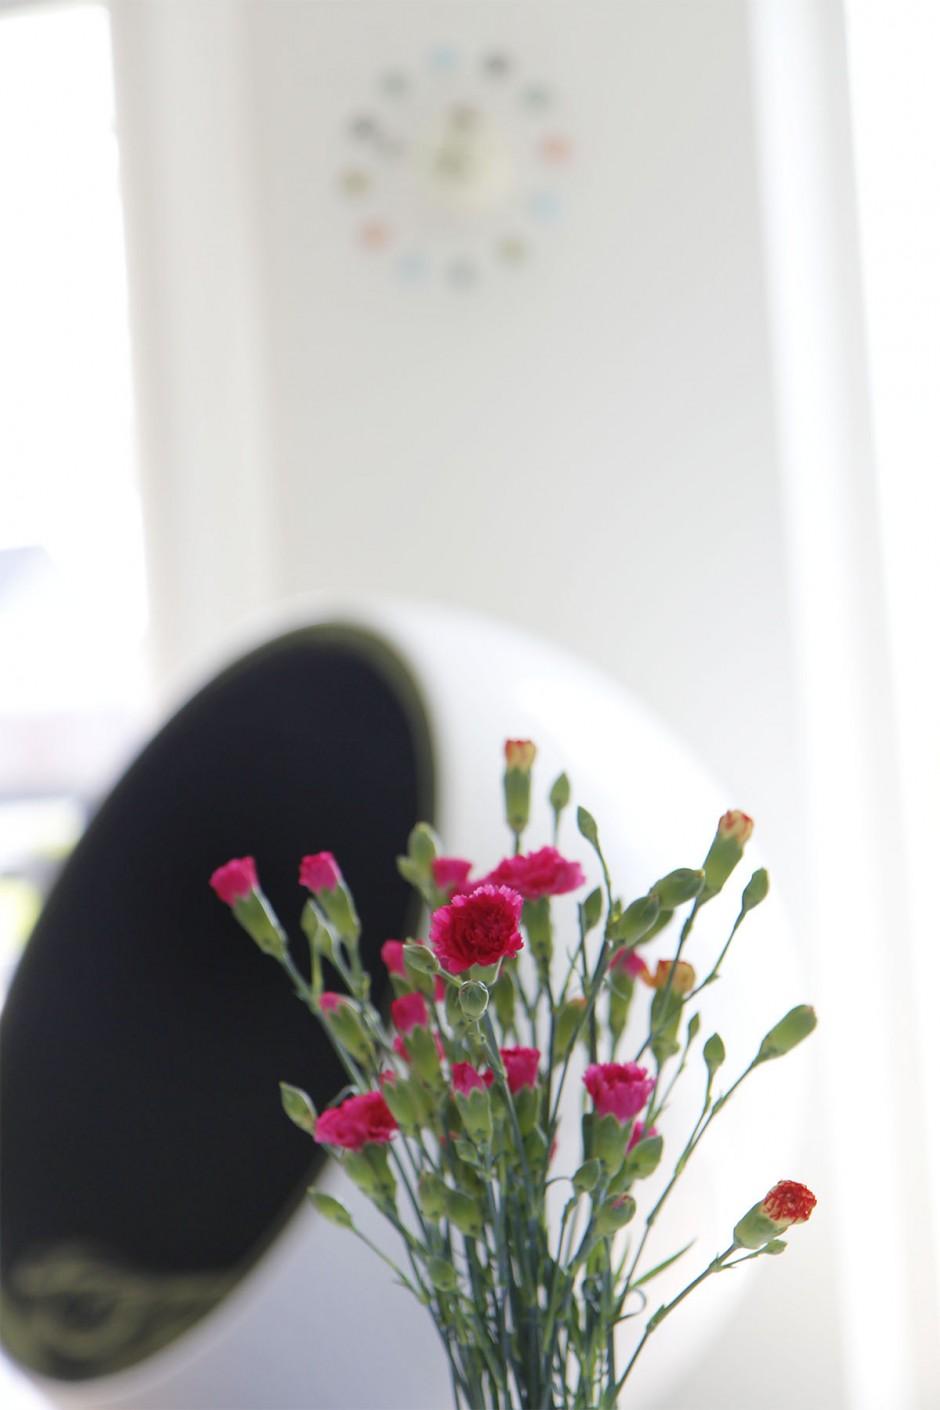 blomma med bollstol